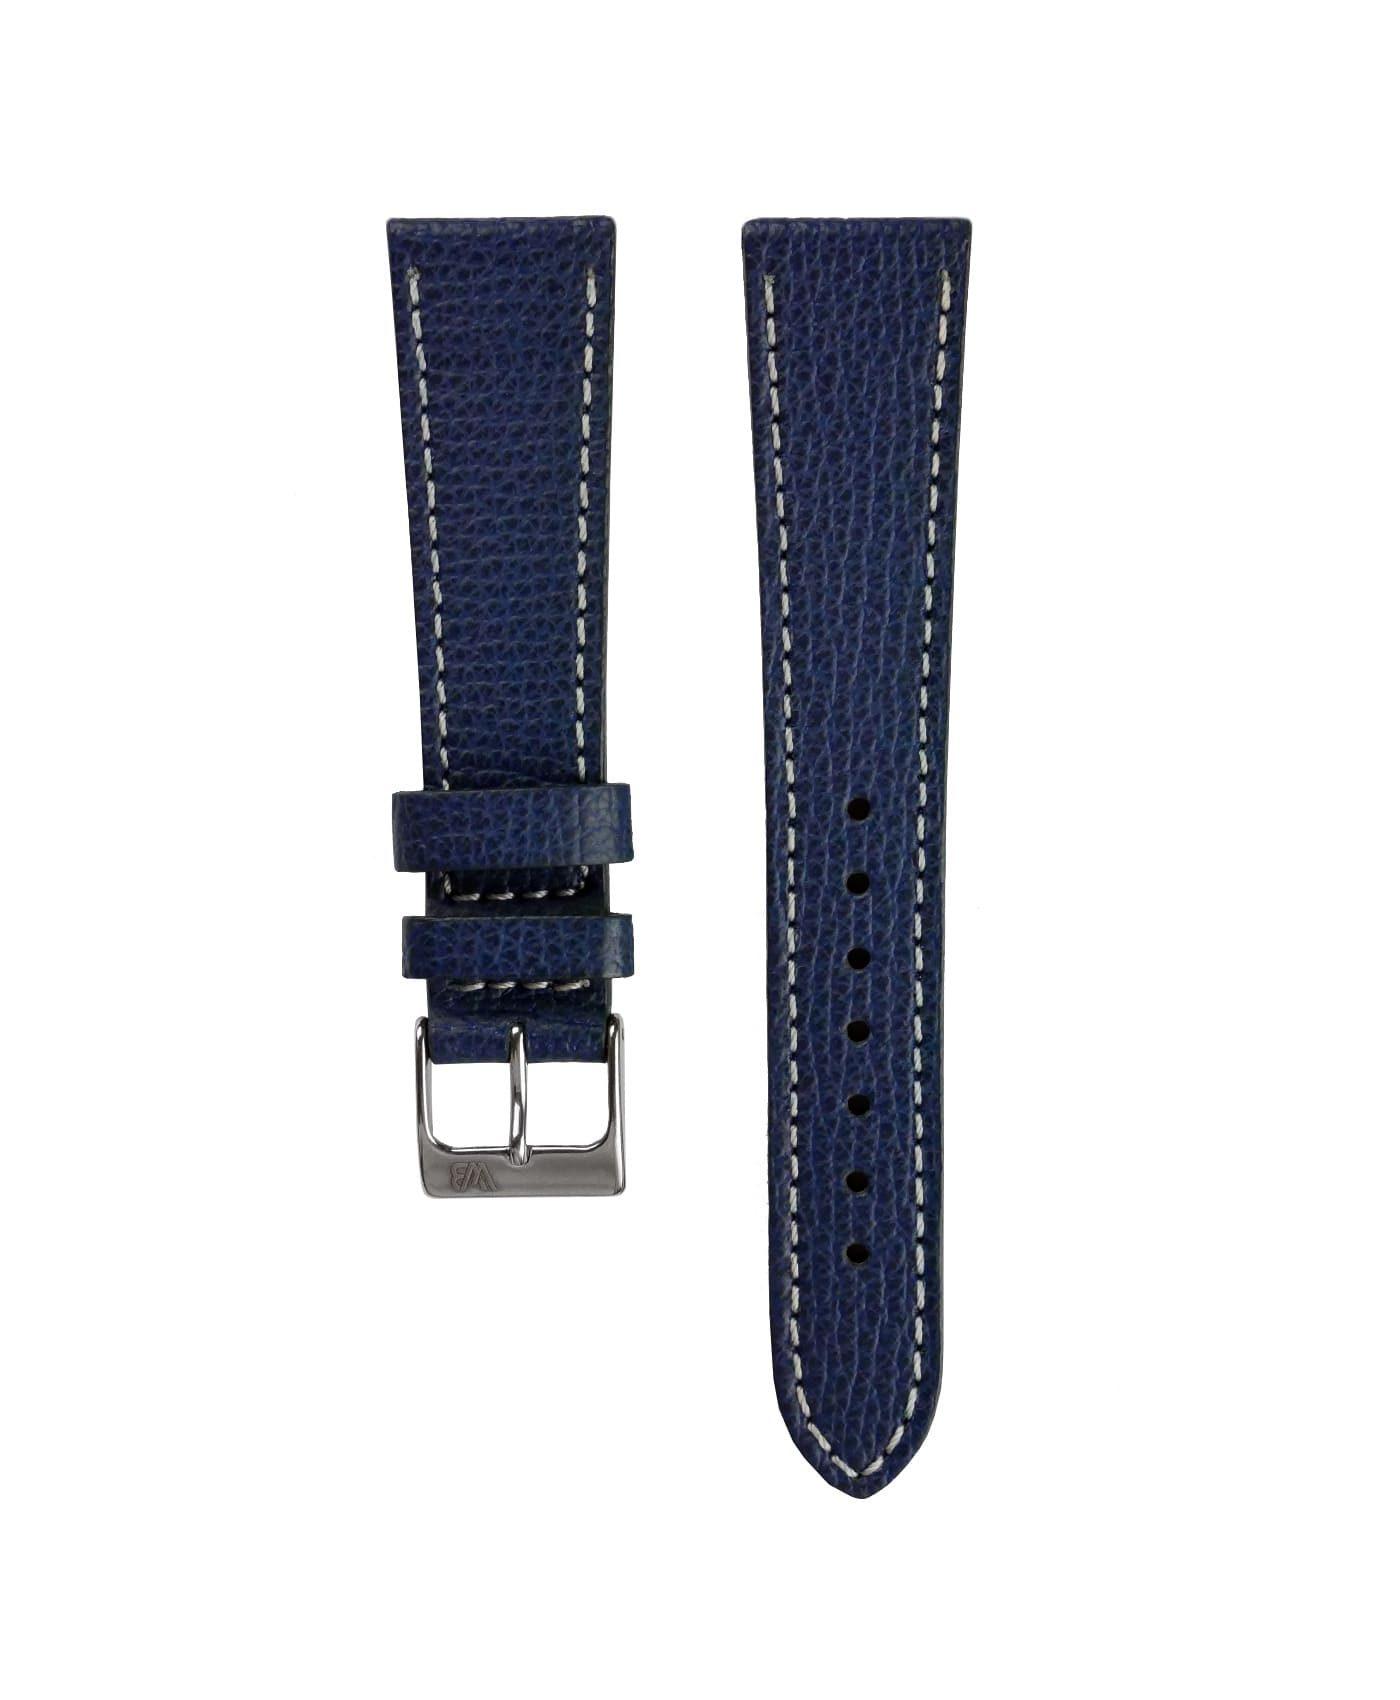 Textured calfskin leather watch strap night blue front watchbandit